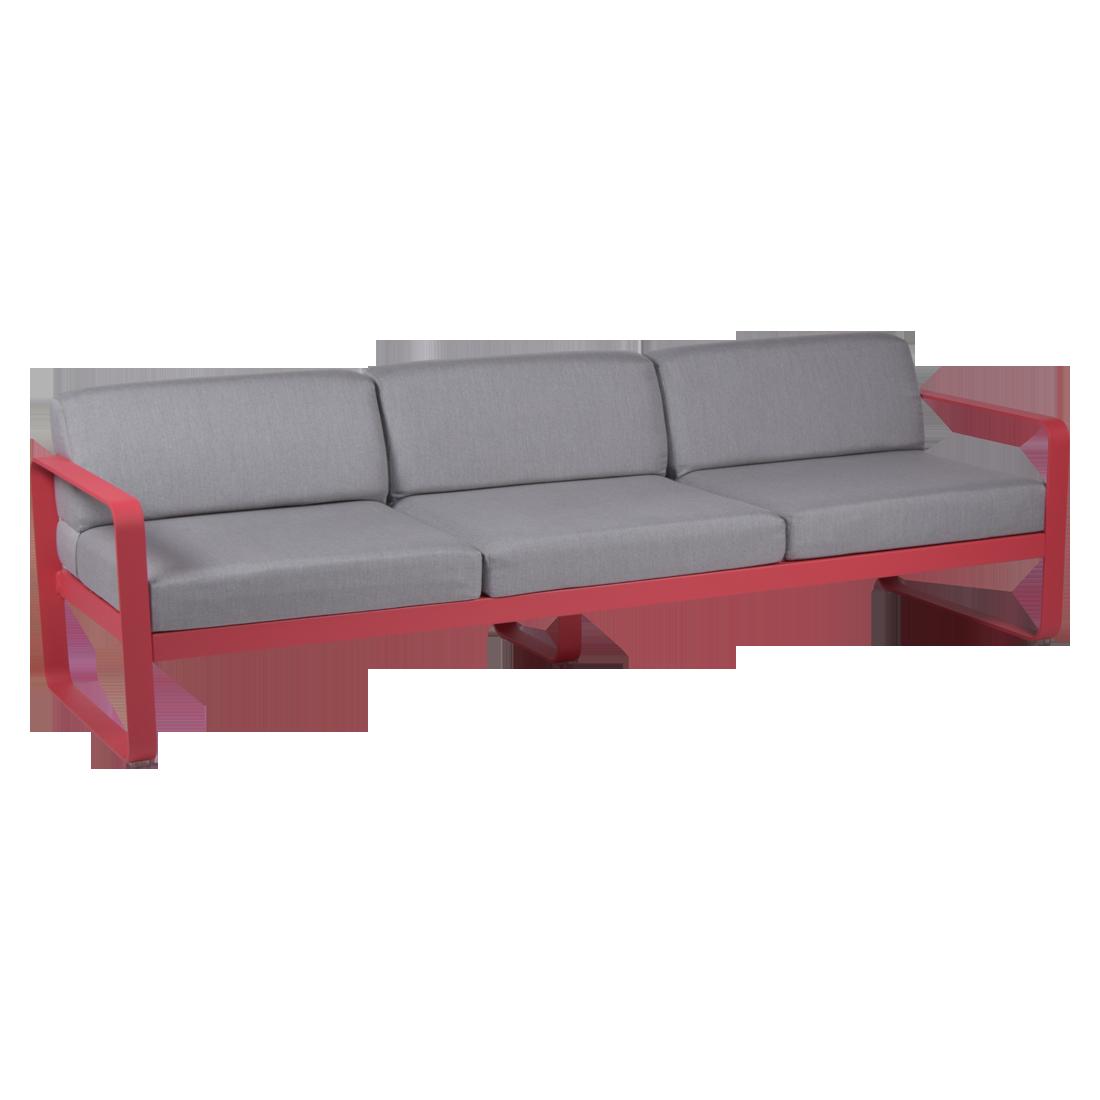 canap 3 places bellevie coussins gris flannelle salon de jardin fermob. Black Bedroom Furniture Sets. Home Design Ideas